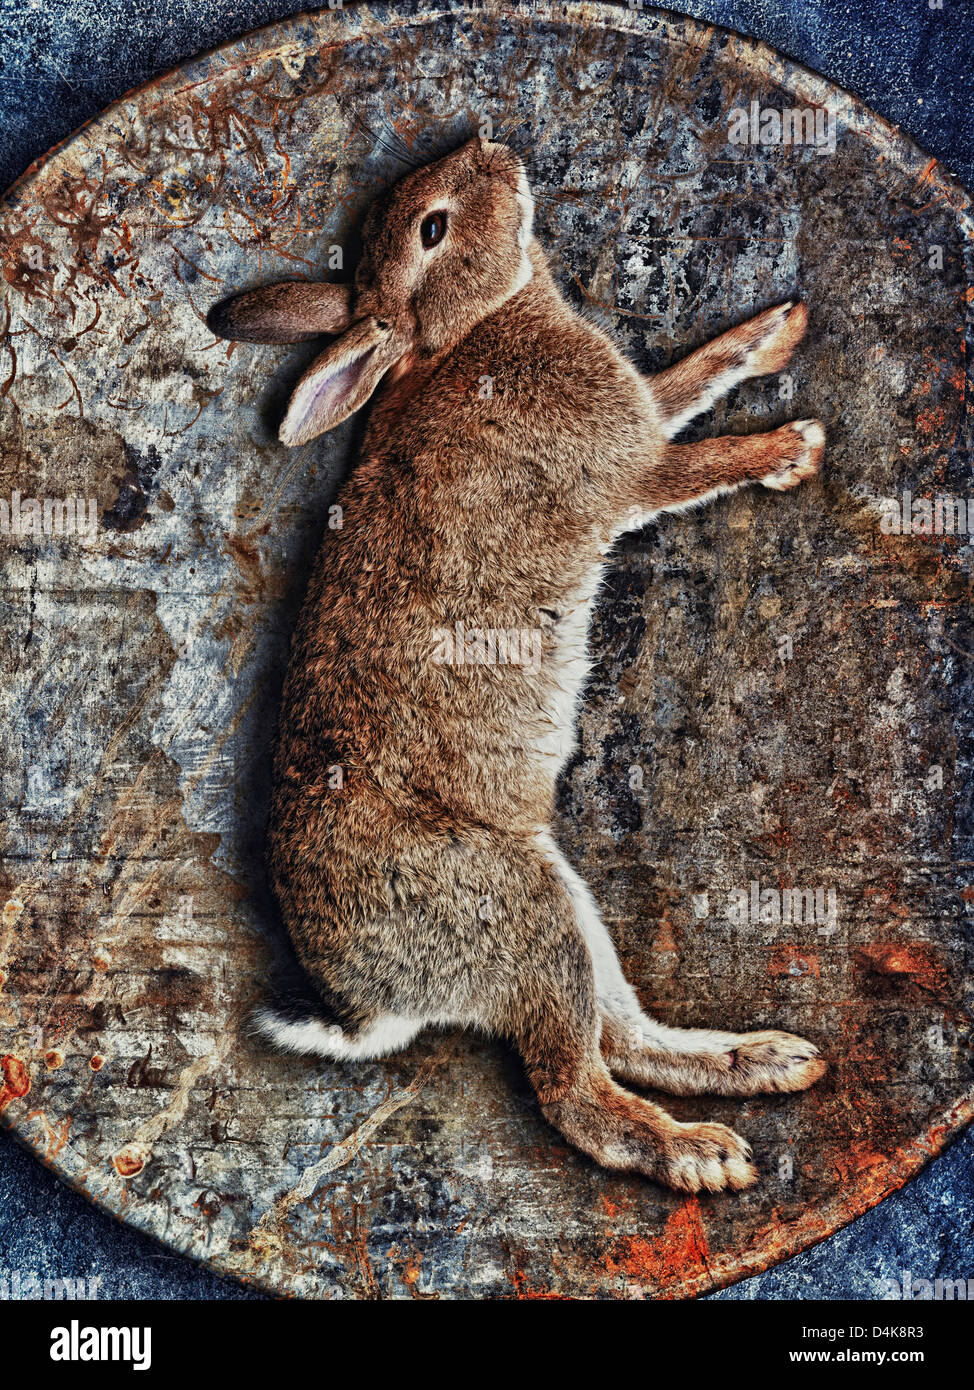 Kaninchen in geflochtenen Korb Stockbild